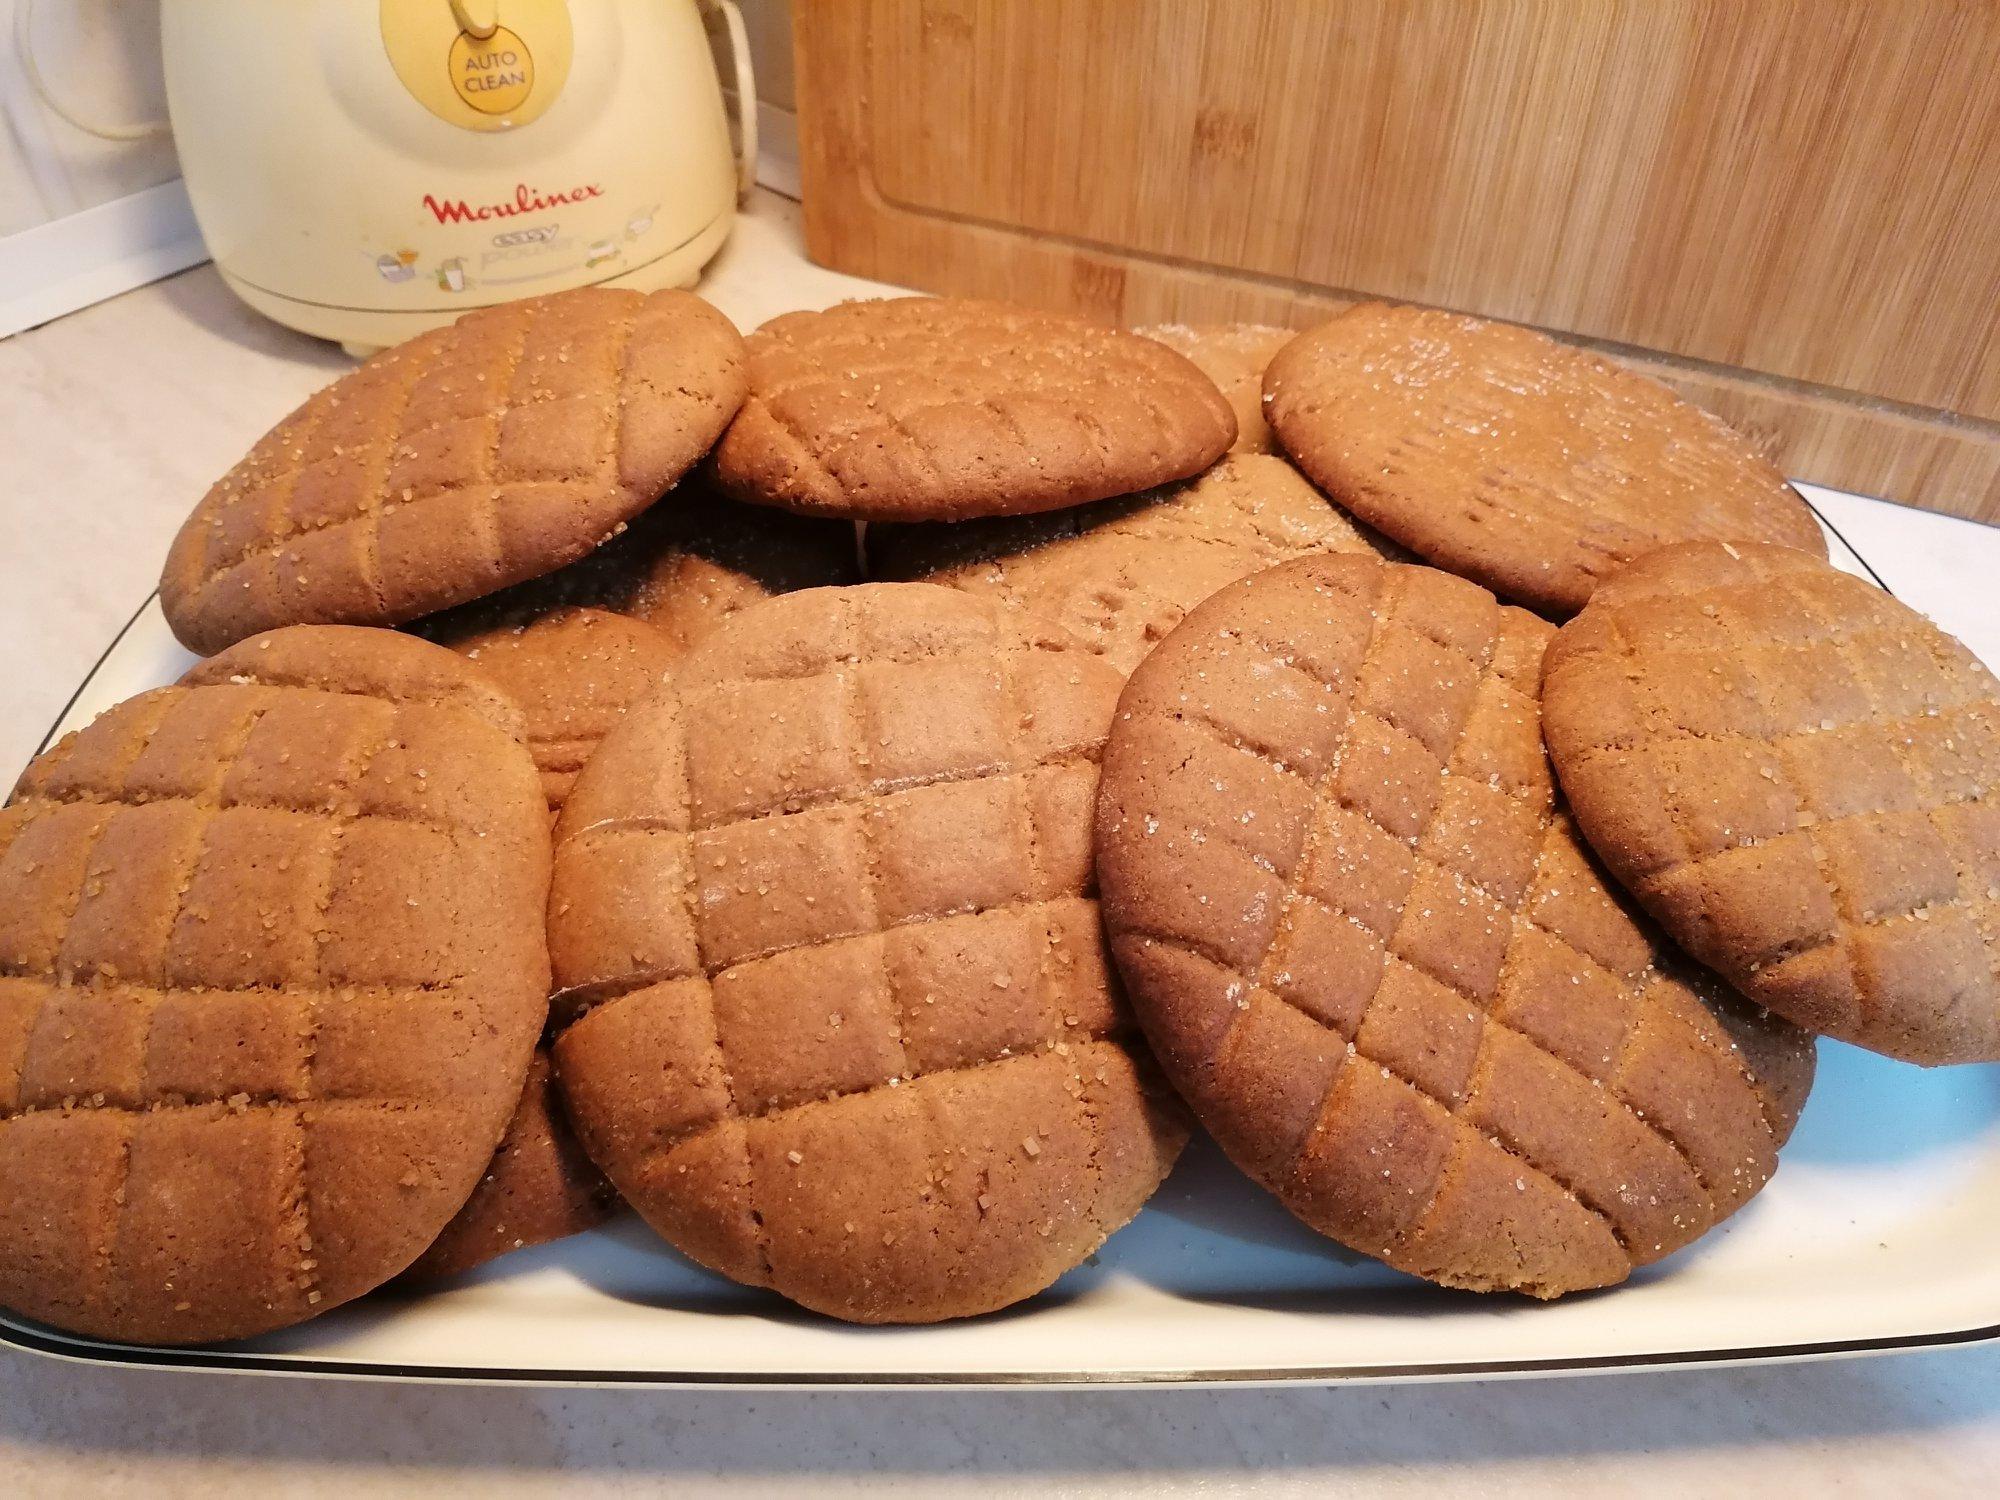 Παραδοσιακή Μπουγάτσα νηστίσιμη Πάτρας (Αχαϊκή μπουγάτσα τύπου κέικ )